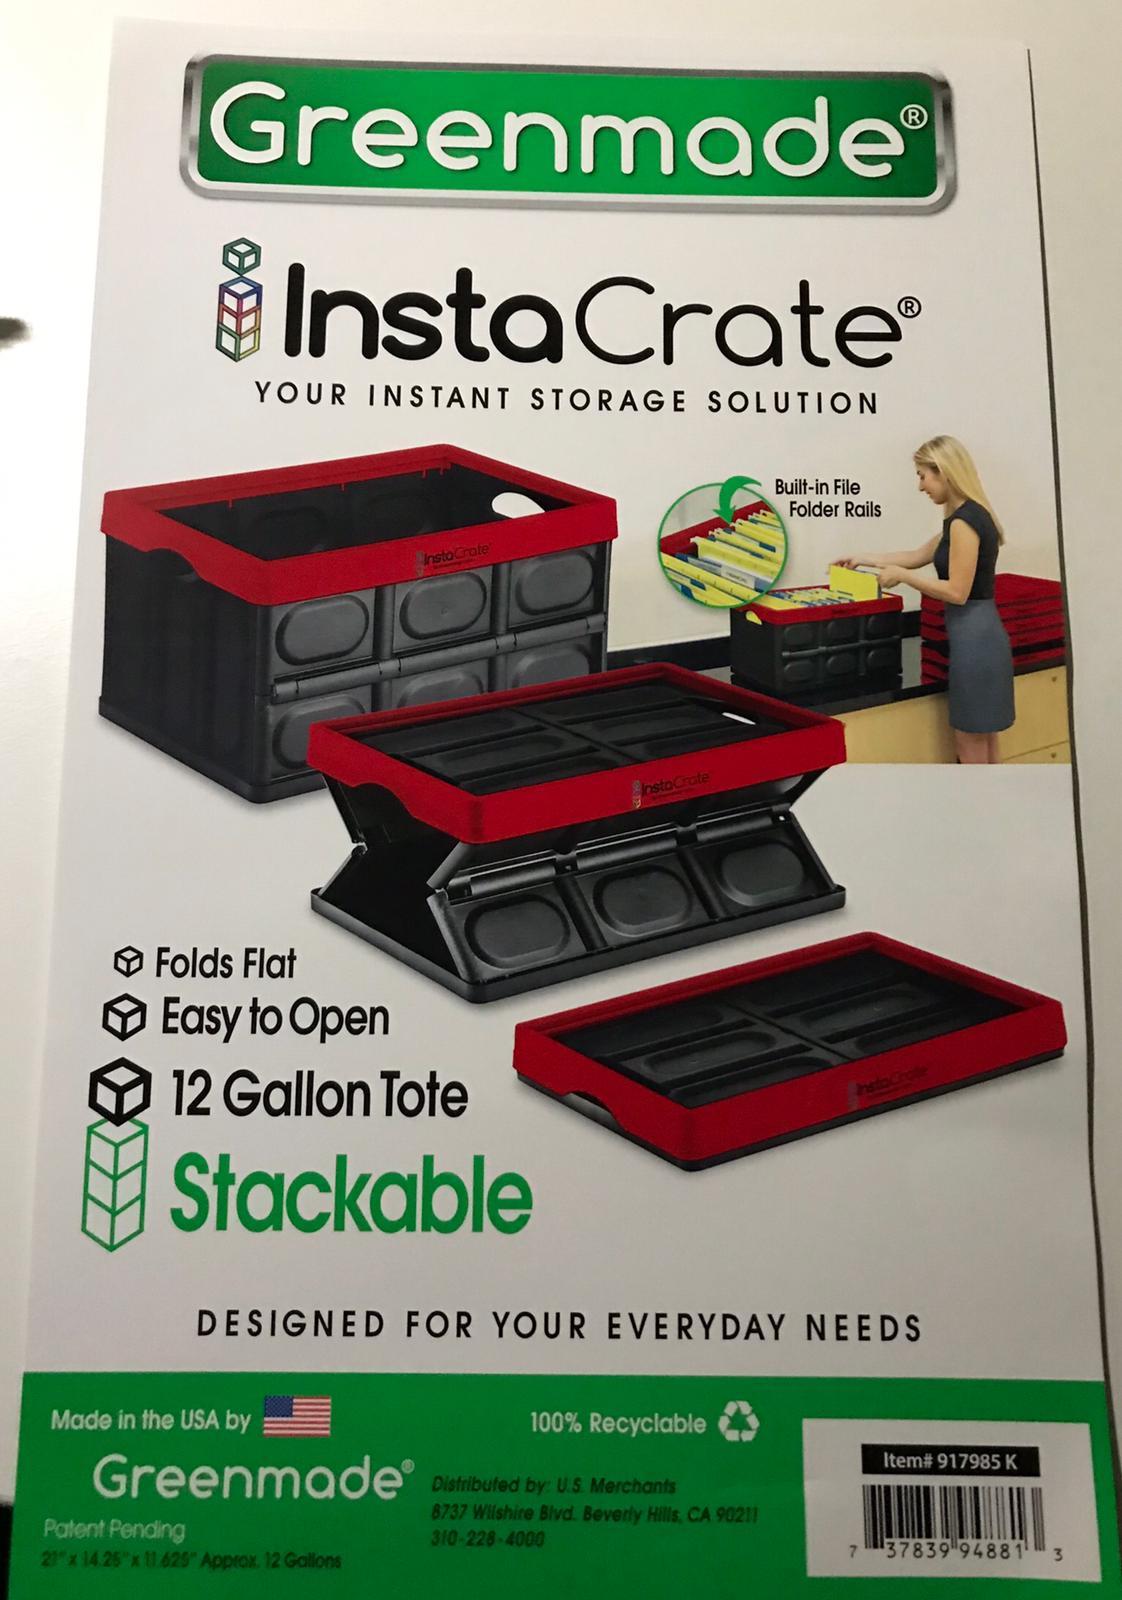 Costco insta crate 12 gallon storage bin for $7.99 - $1.50  Discount =$ 6.50